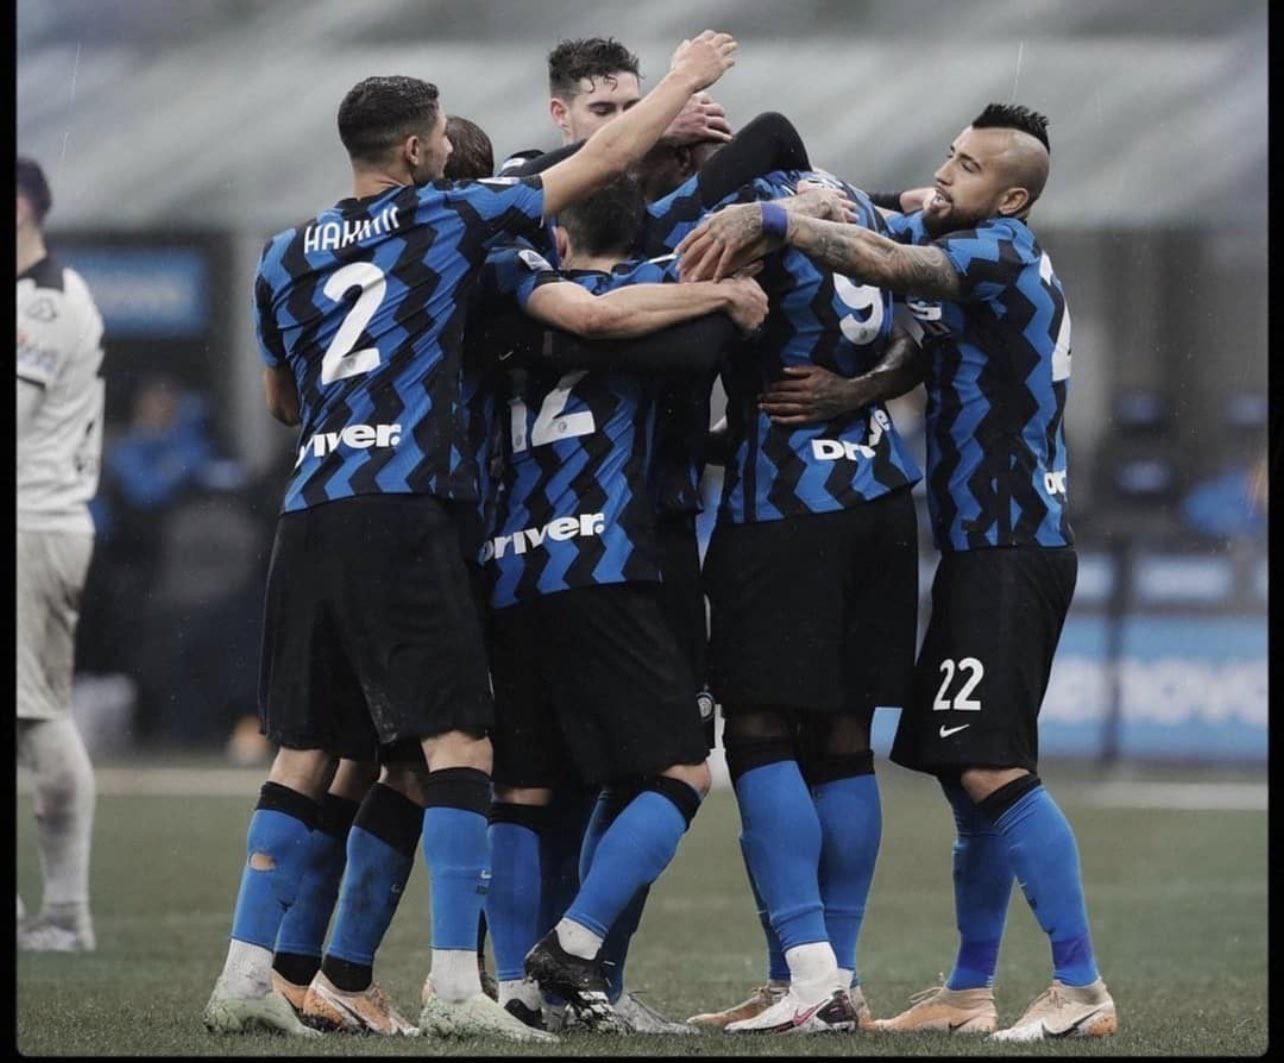 Inter, gioia incontenibile: Sui social apprezzamento anche da Marchisio |  Sport e Vai